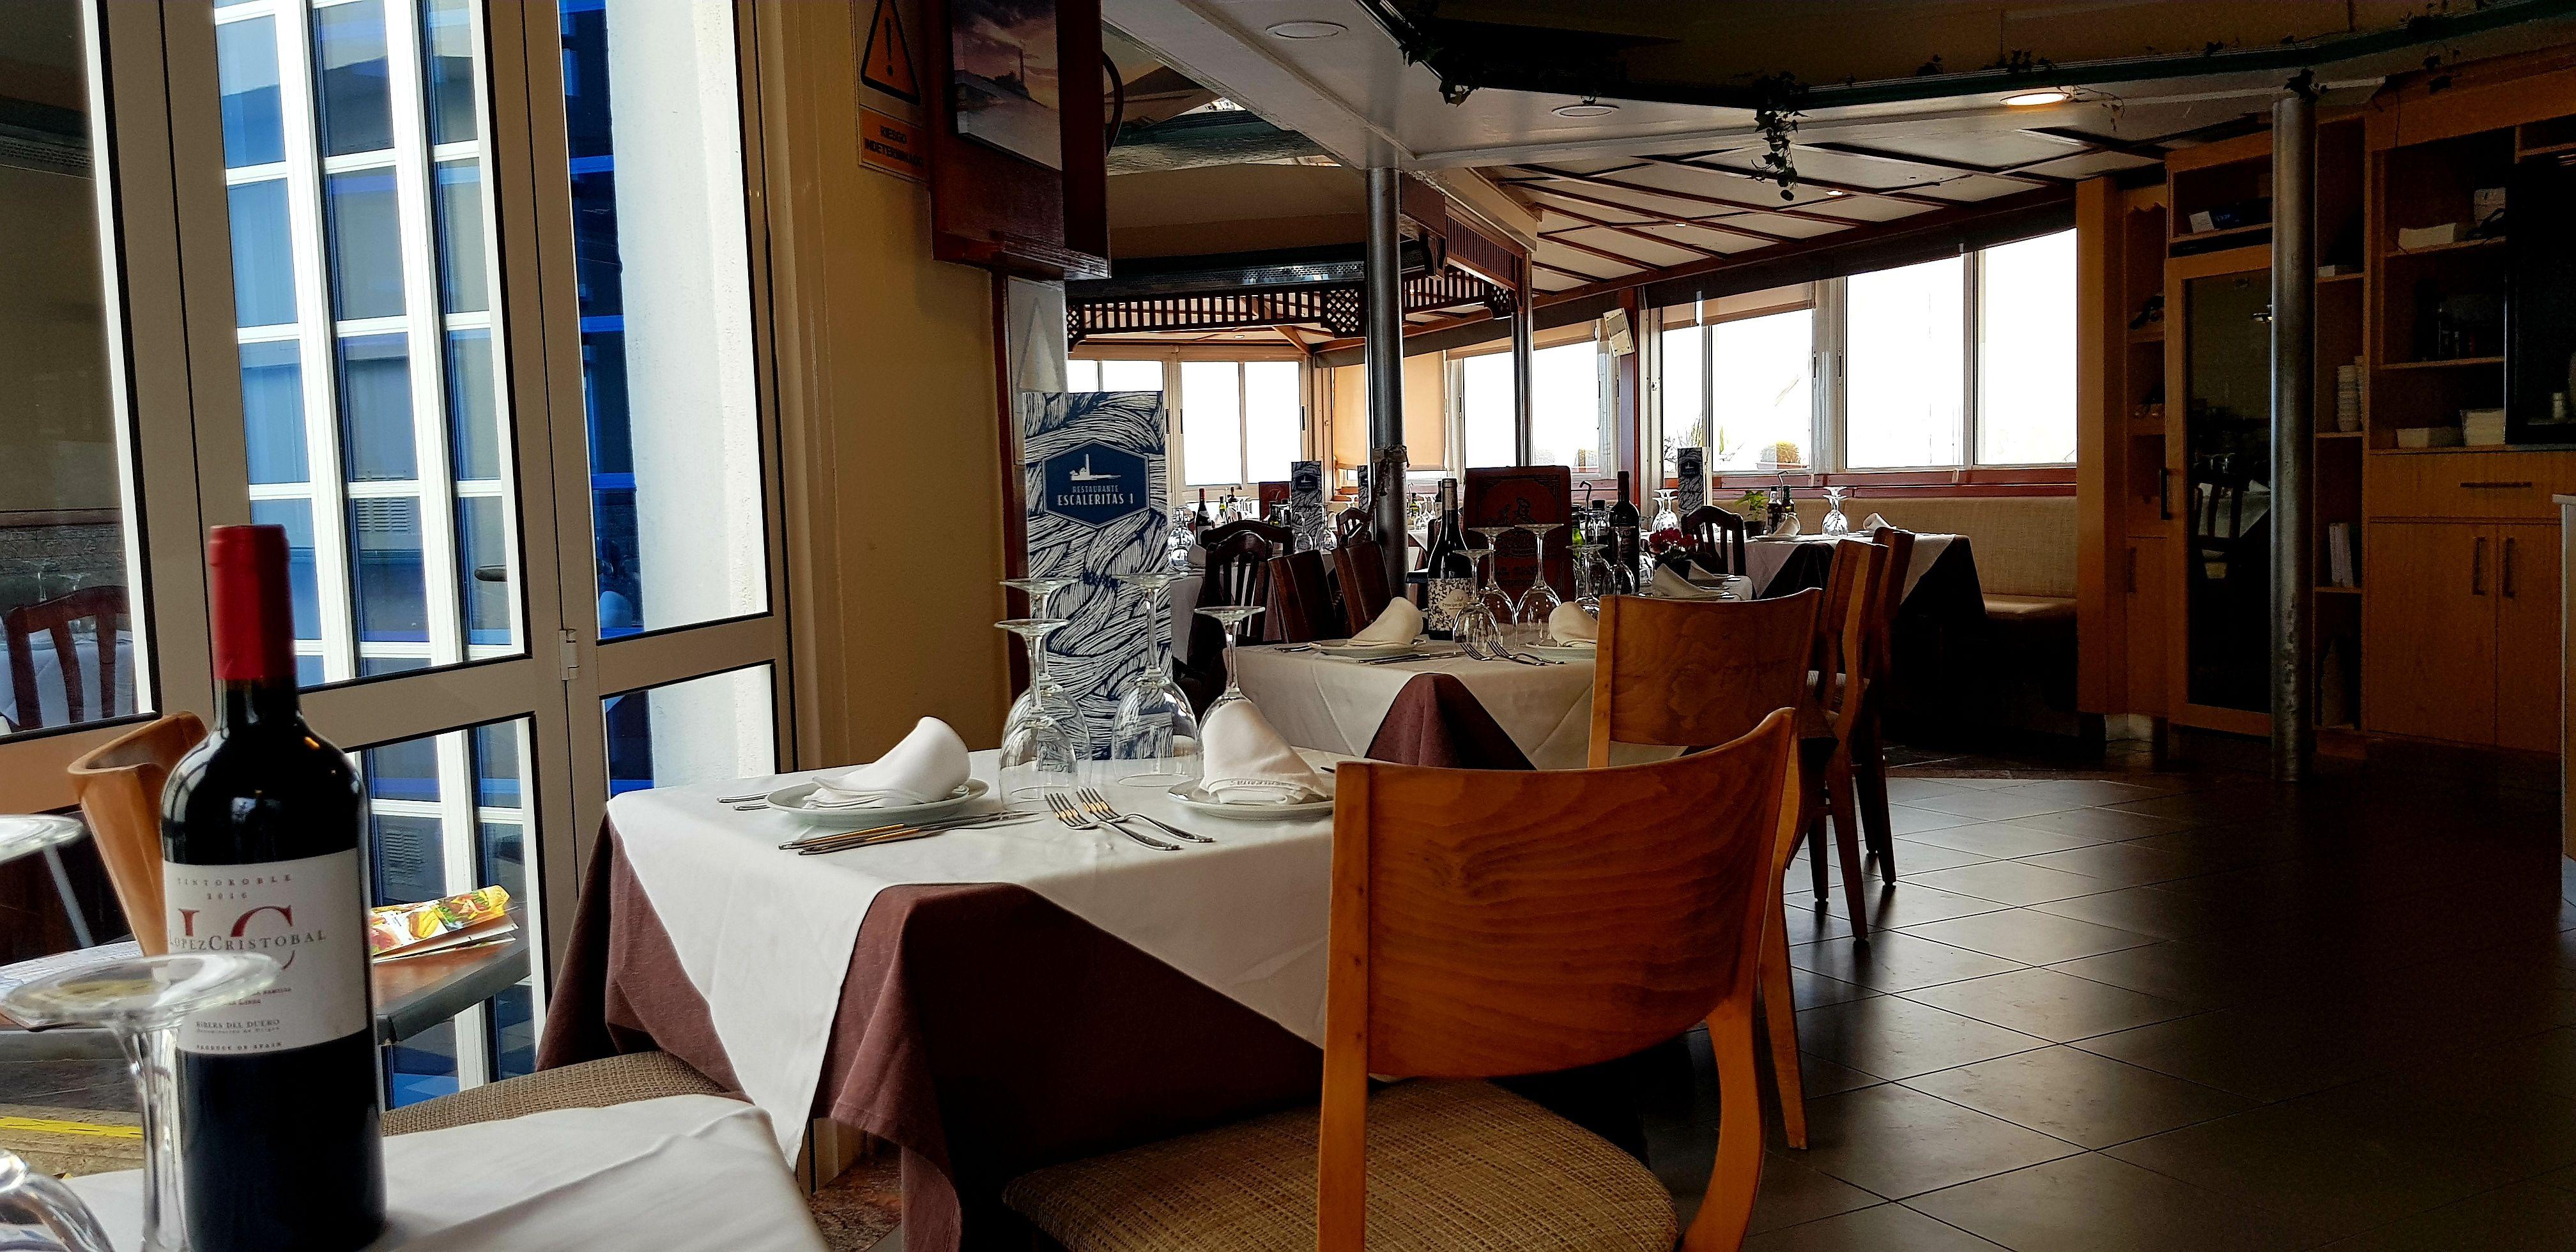 Foto 13 de Cocina internacional en Maspalomas | Restaurante Escaleritas